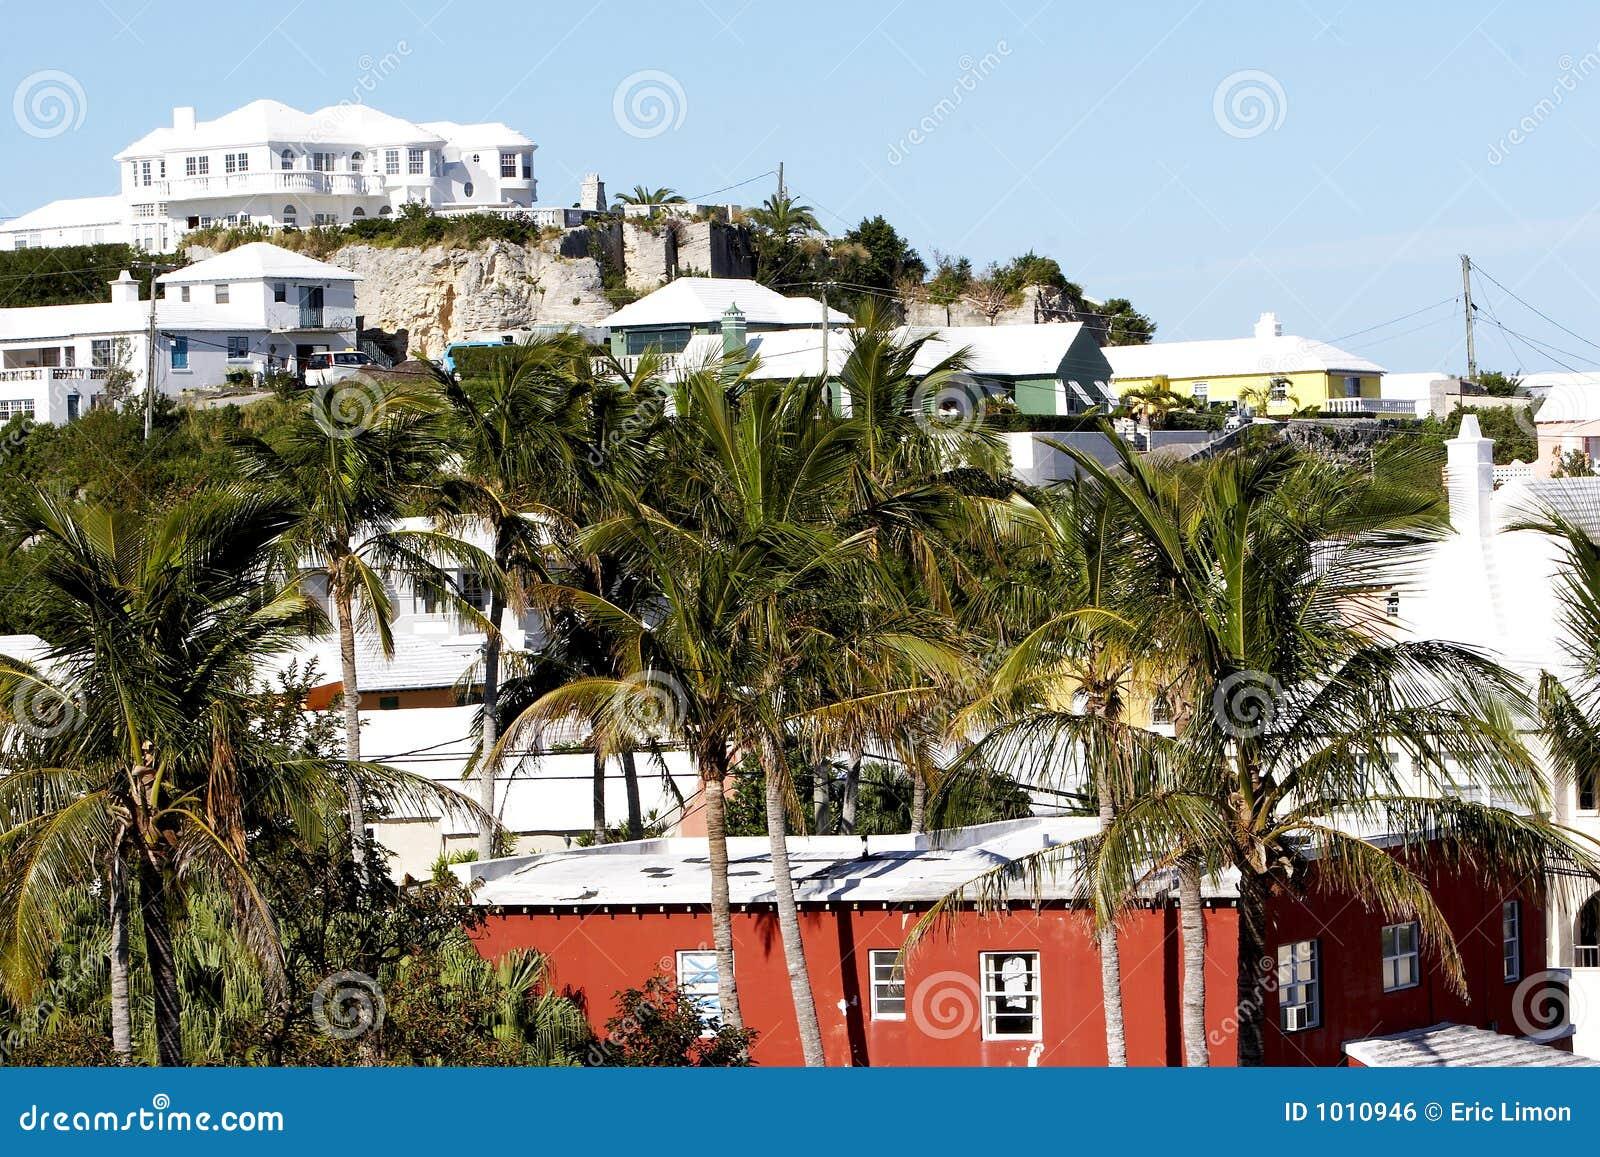 Häuser in Bermuda stockfoto. Bild von grün, hitze, kühl - 1010946